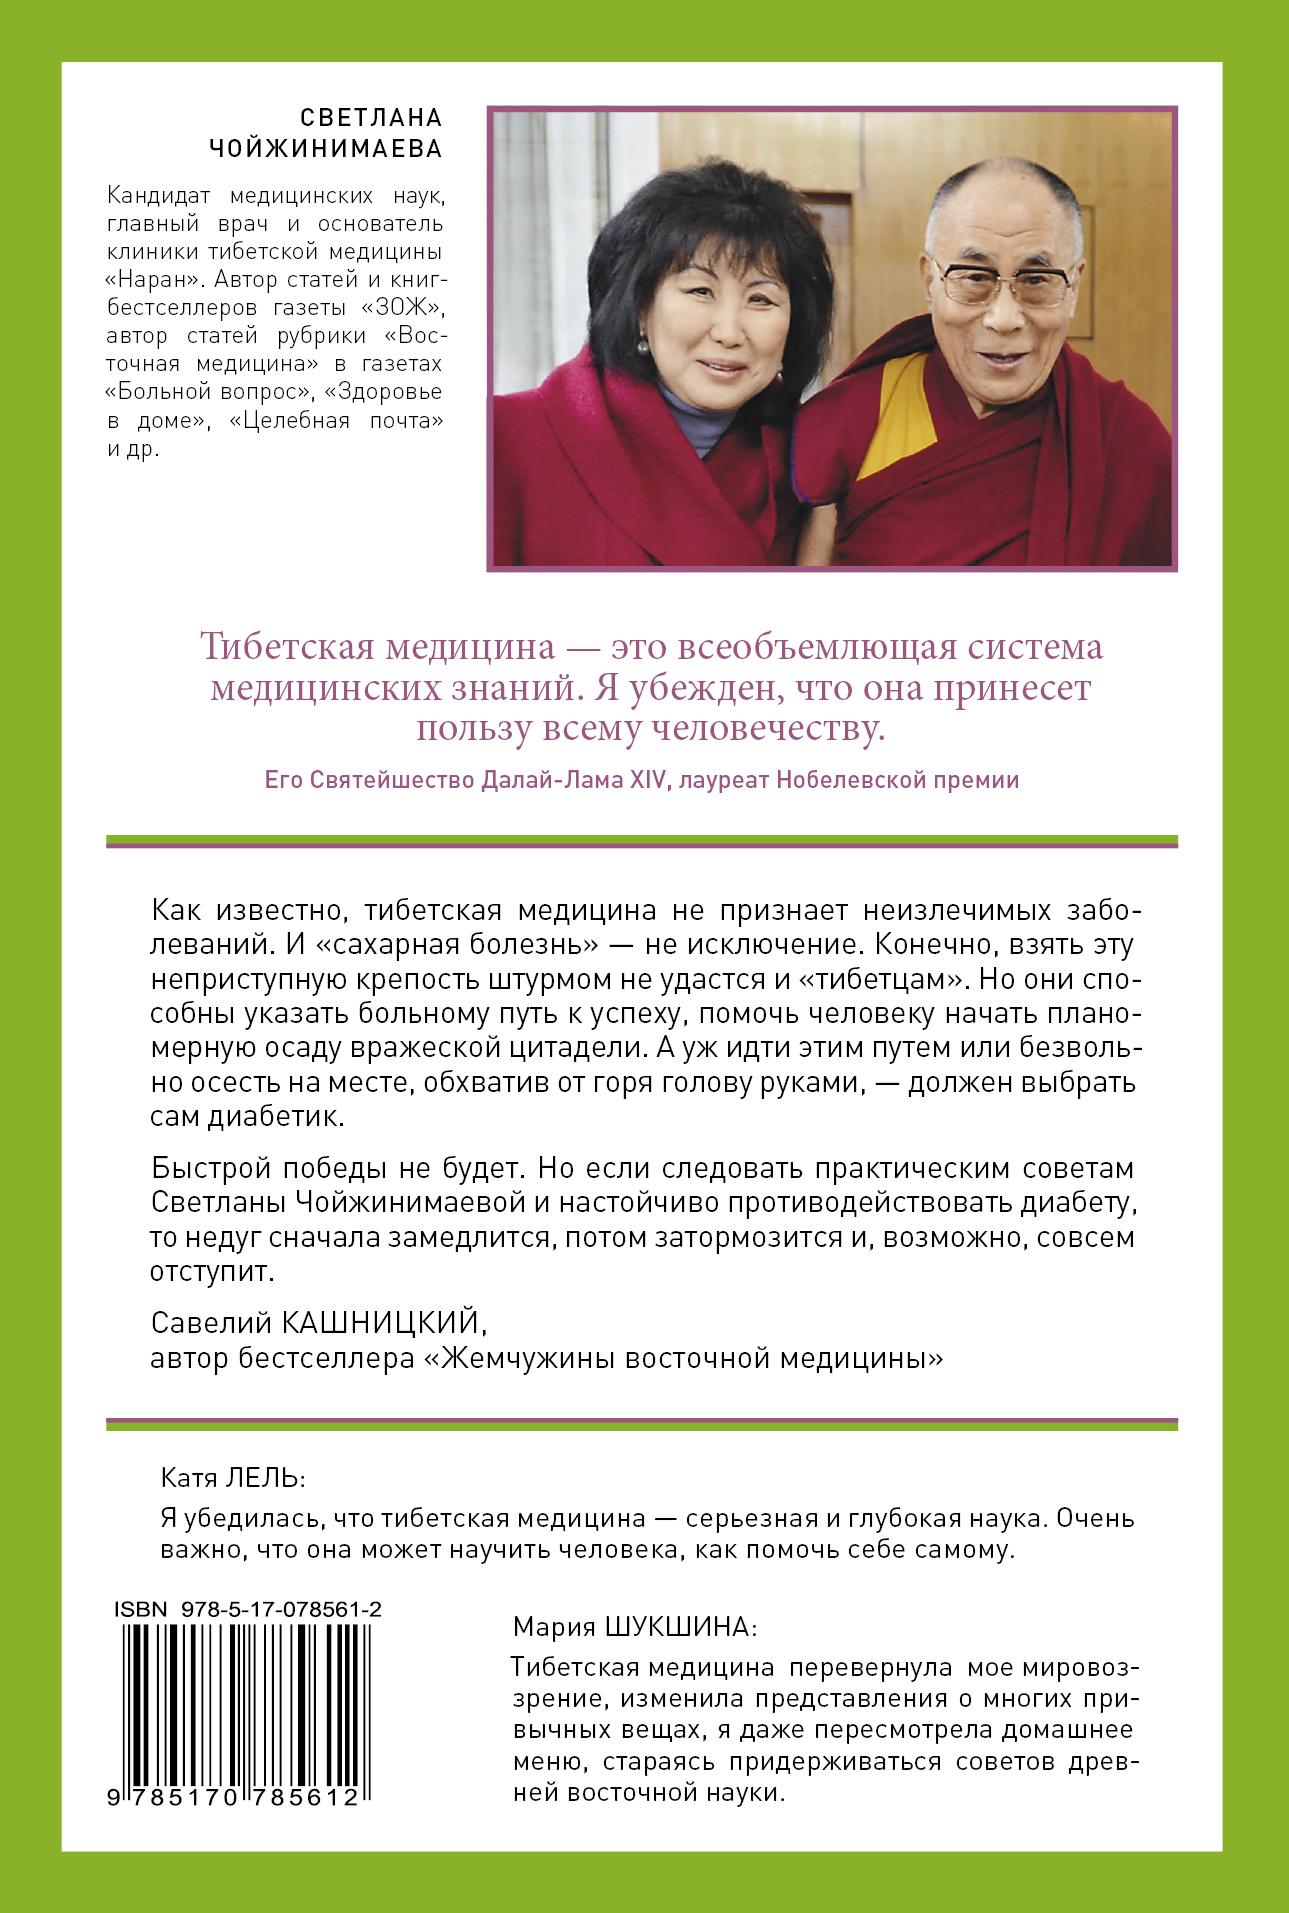 Врач тибетской медицины 28 фотография